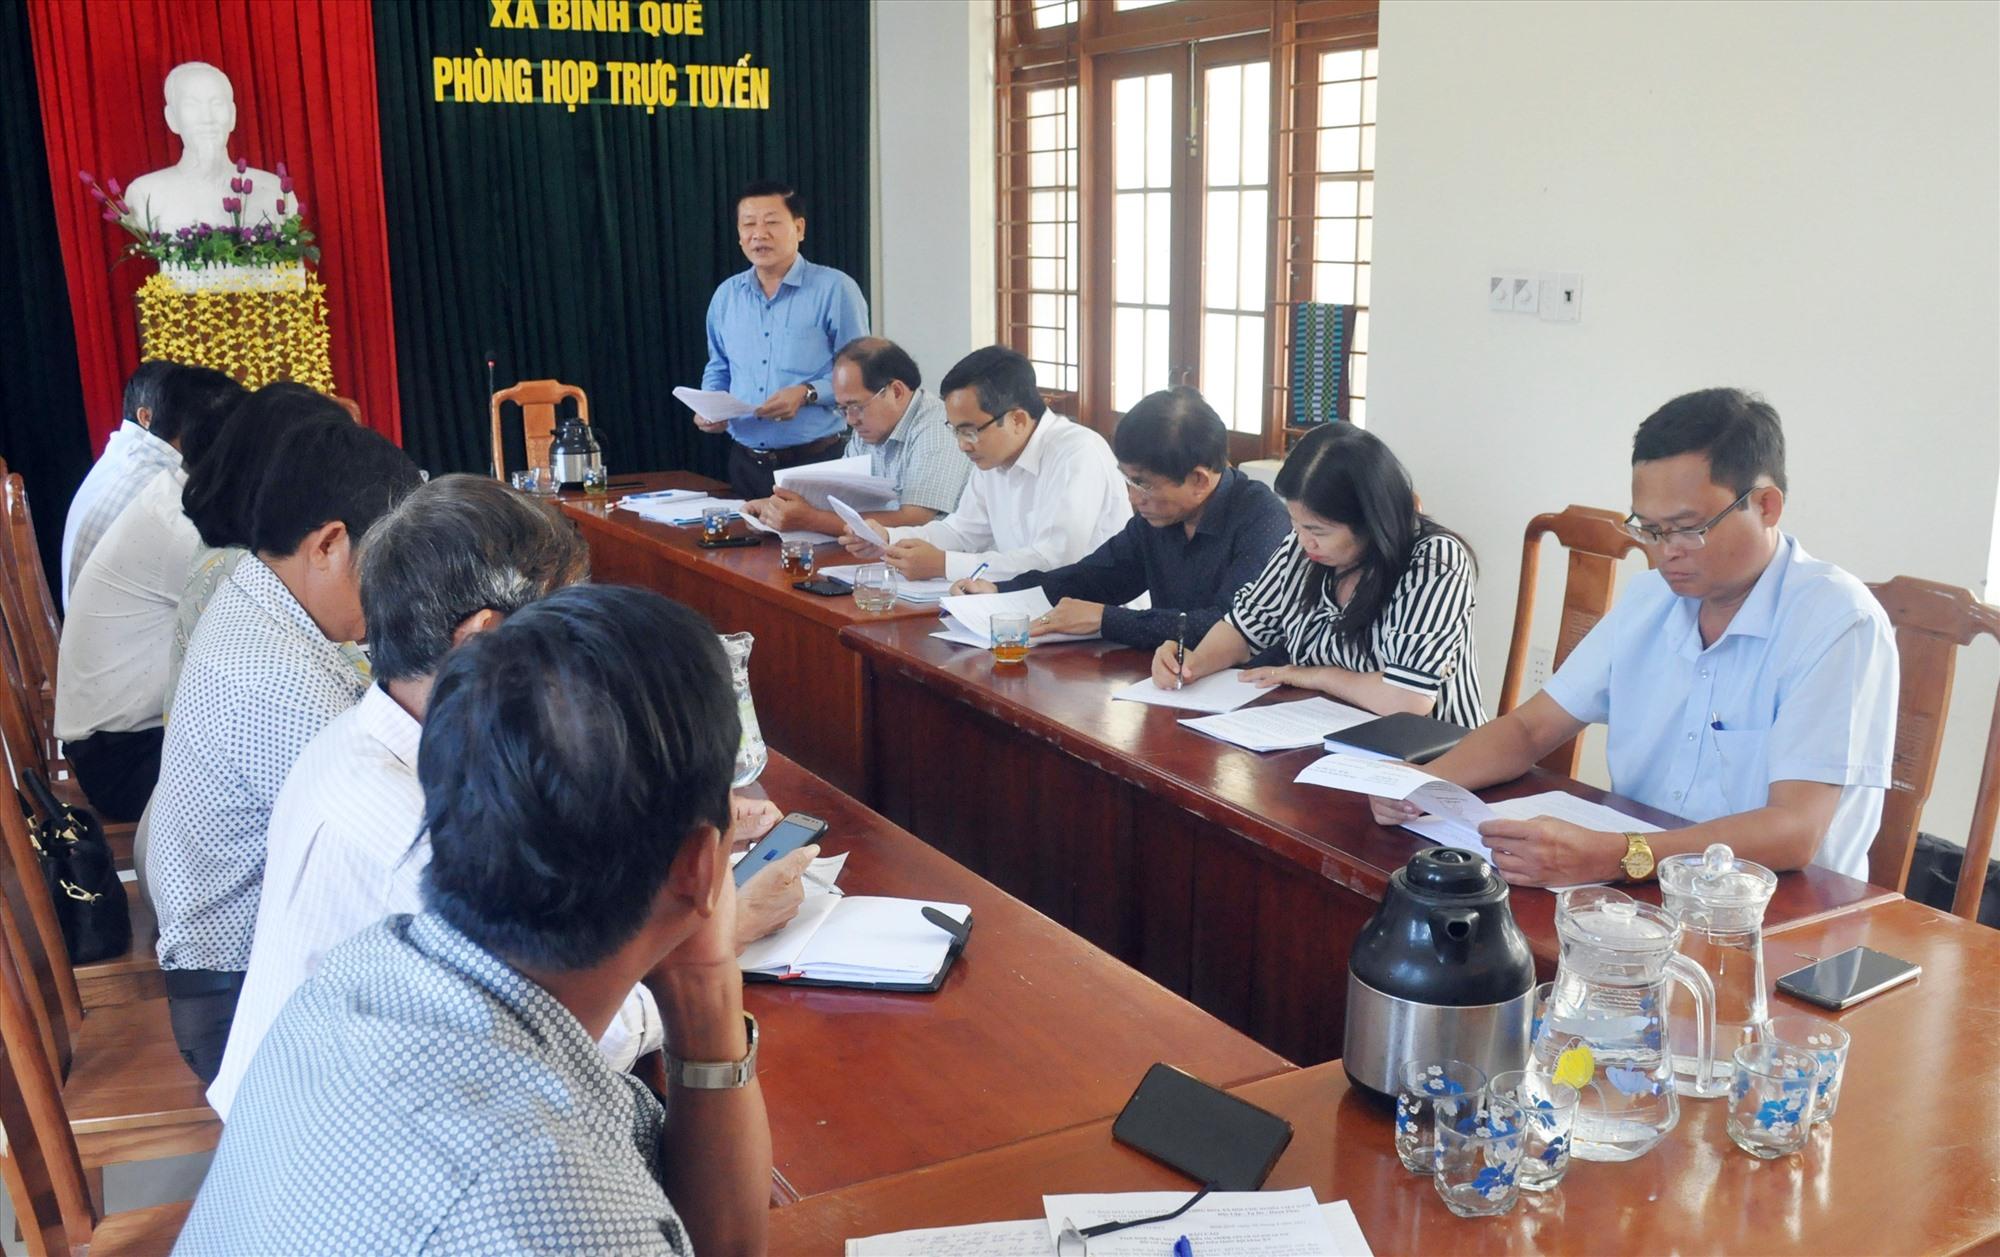 Ban Thường trực Ủy ban MTTQ Việt Nam tỉnh giám sát công tác chuẩn bị bầu cử ĐBQH khóa XV và đại biểu HĐND các cấp nhiệm kỳ 2021 - 2026 tại UBBC xã Bình Quế (Thăng Bình). Ảnh: N.Đ